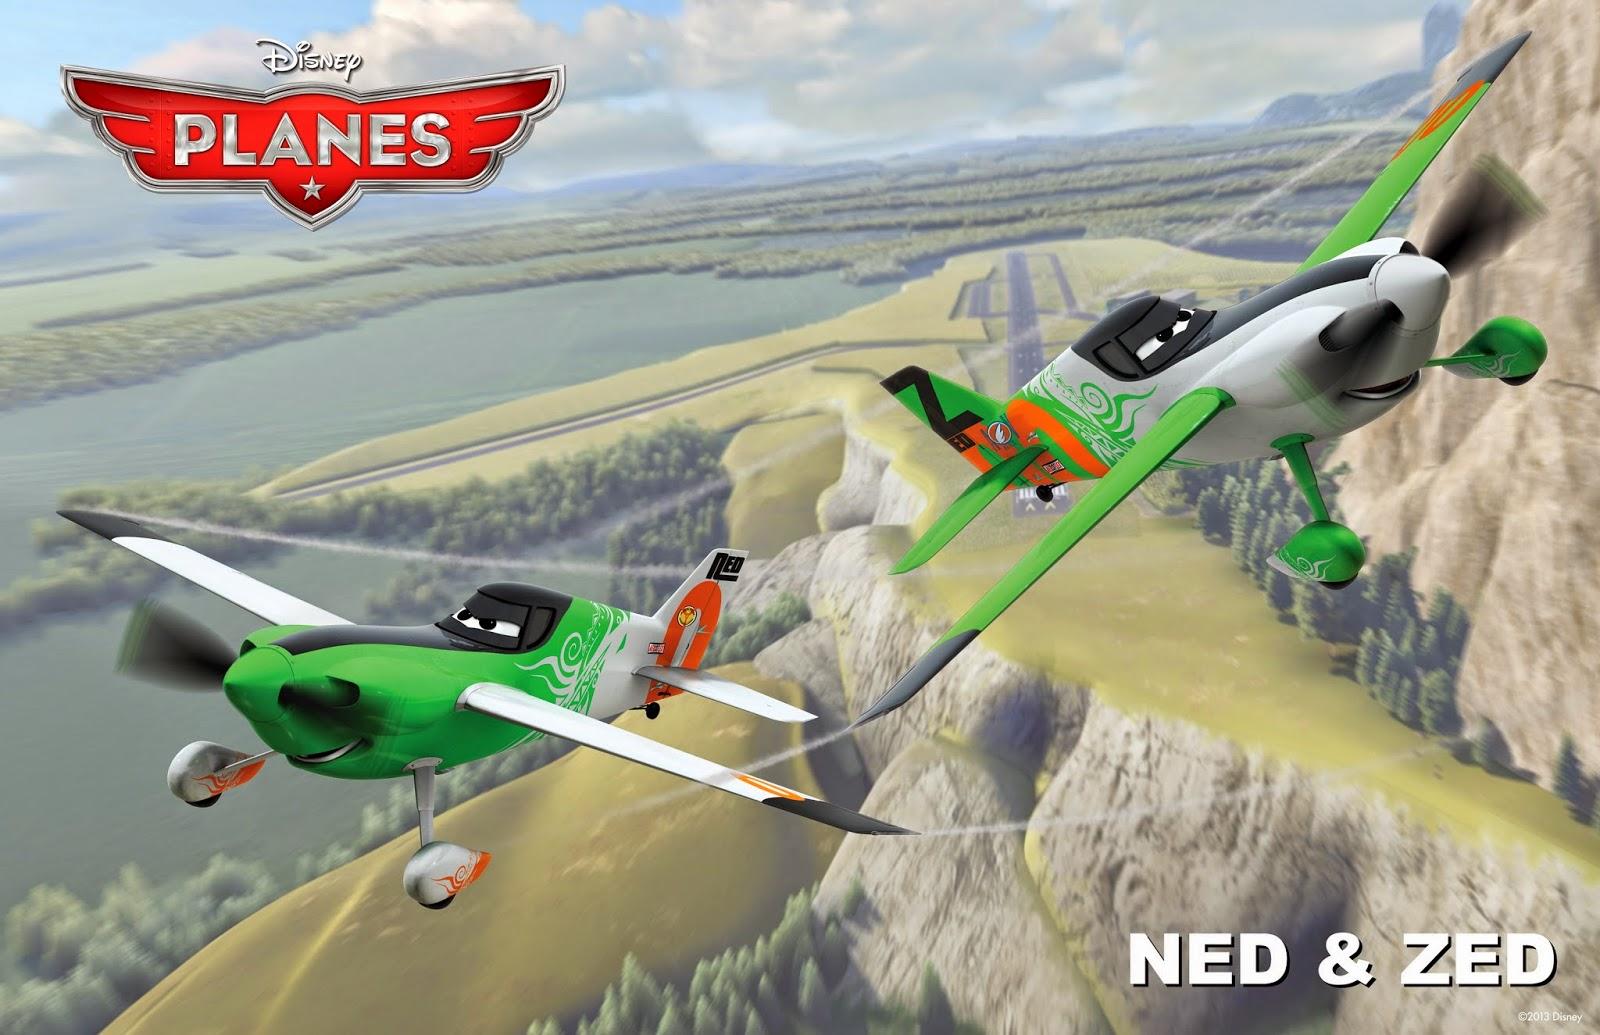 Kumpulan gambar planes disney | gambar lucu terbaru